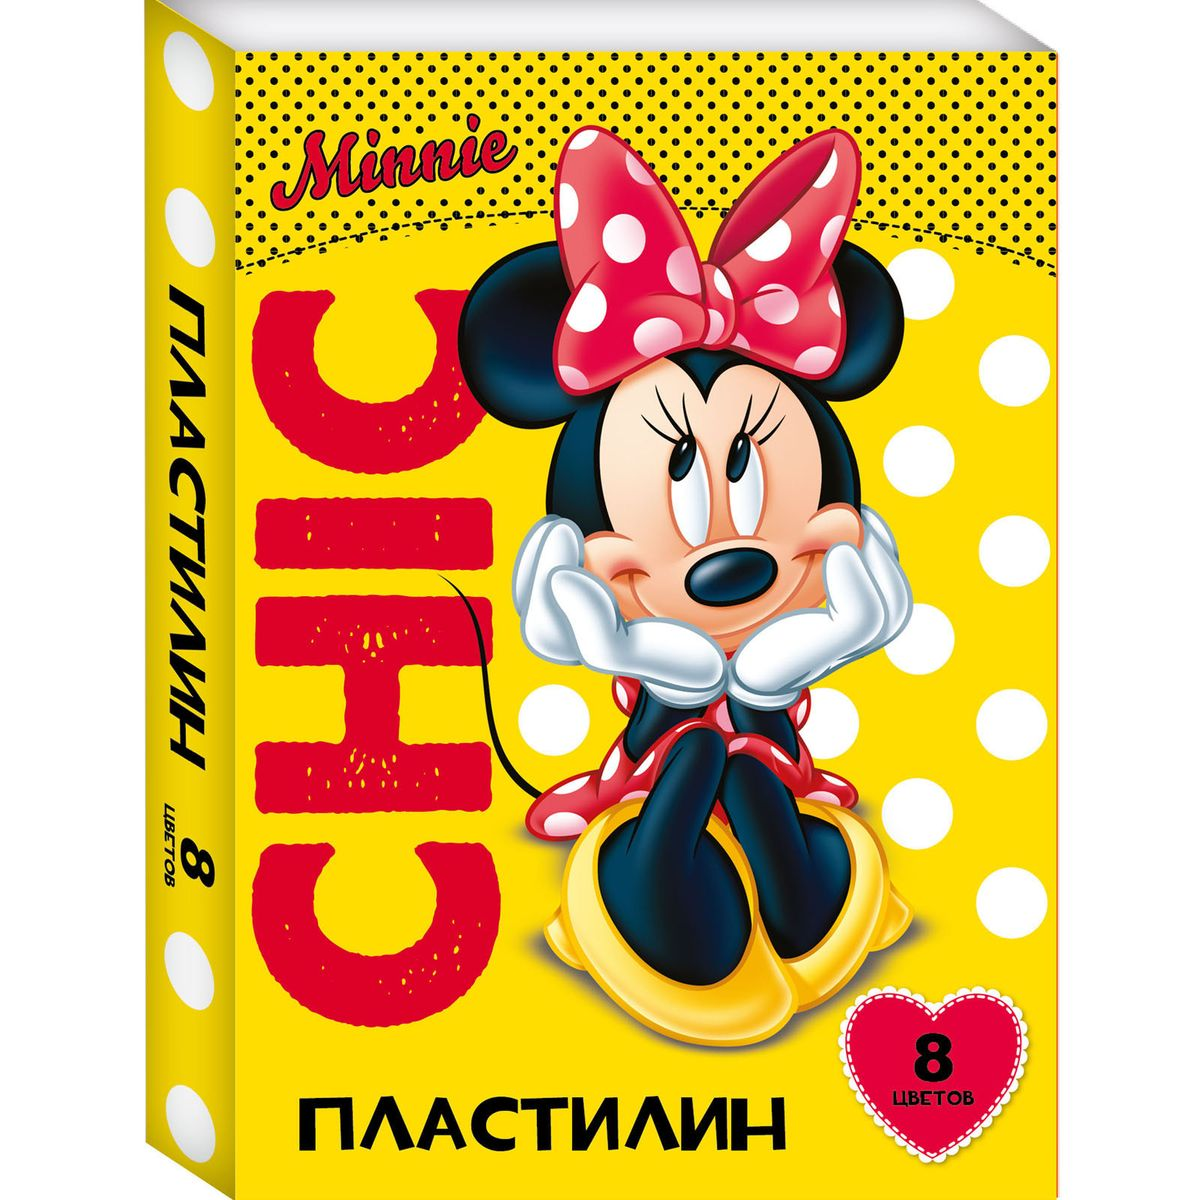 Disney Пластилин Минни 8 цветов72523WDЯркий и легко размягчающийся пластилин Disney Минни поможет вашему малышу создать множество интересных поделок, а очаровательная Минни Маус вдохновит кроху на новые творческие идеи. Лепить из этого пластилина - одно удовольствие: он обладает отличными пластичными свойствами, не липнет к рукам, не имеет запаха, безопасен при использовании по назначению. Смешивайте цвета, фантазируйте, экспериментируйте и развивайте своего малыша: лепка активно тренирует у ребенка мелкую моторику и умение работать пальчиками, развивает тактильное восприятие формы, веса и фактуры, совершенствует воображение и пространственное мышление. А главное - лепить фигурки в компании любимой героини невероятно весело! В наборе 8 цветов пластилина, которые легко смешиваются друг с другом. Состав: парафин, петролатум, мел, каолин, красители.